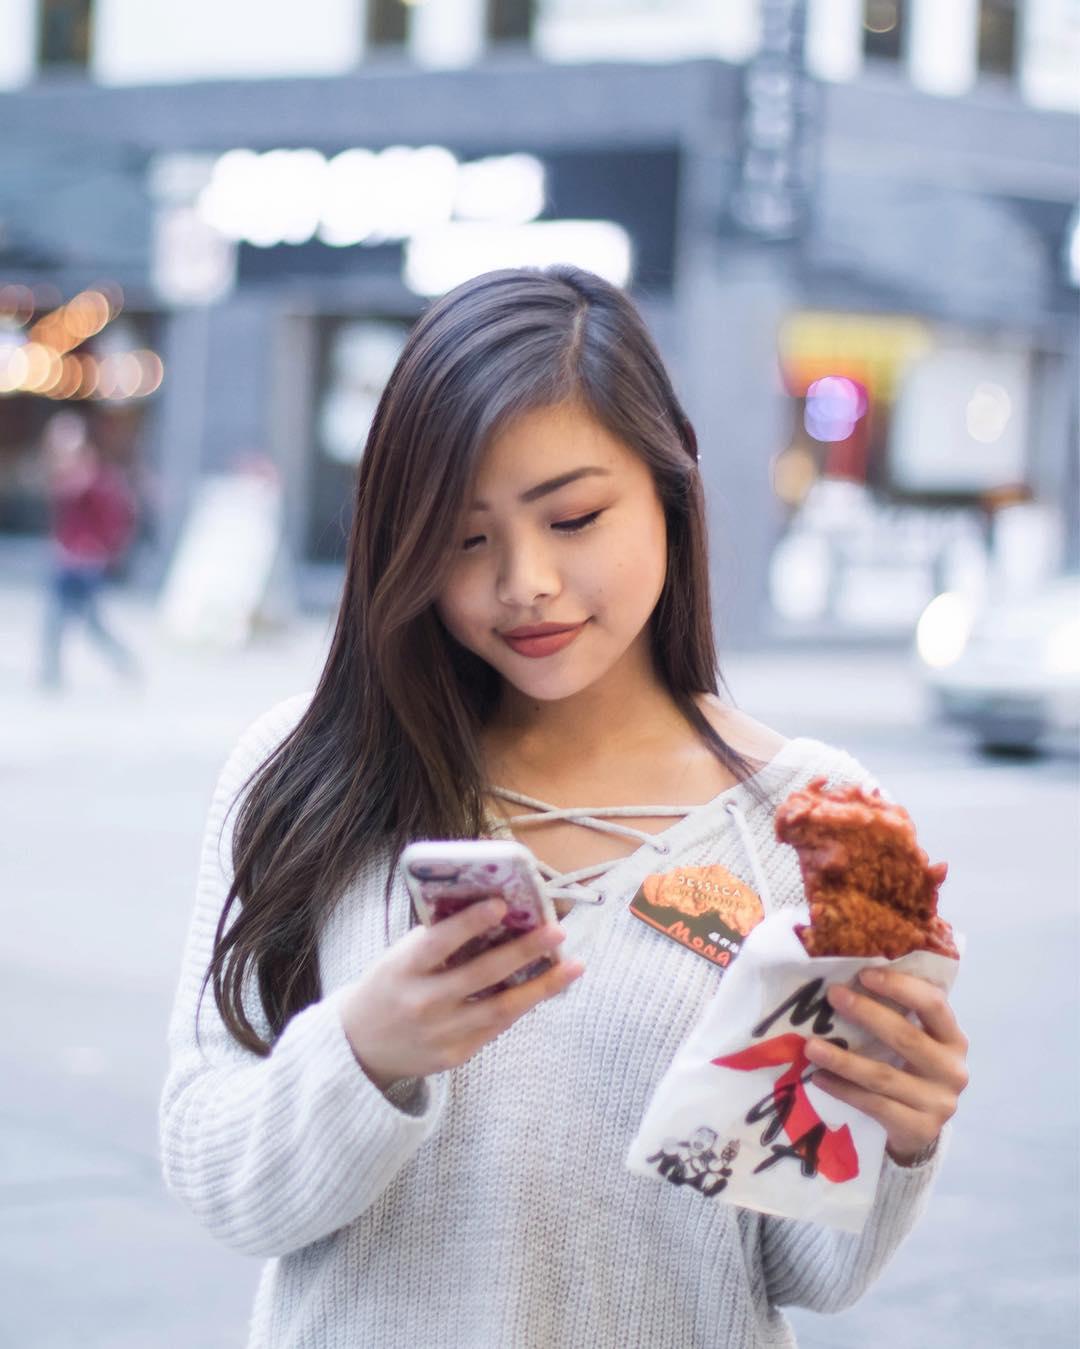 Monga Fried Chicken in Toronto